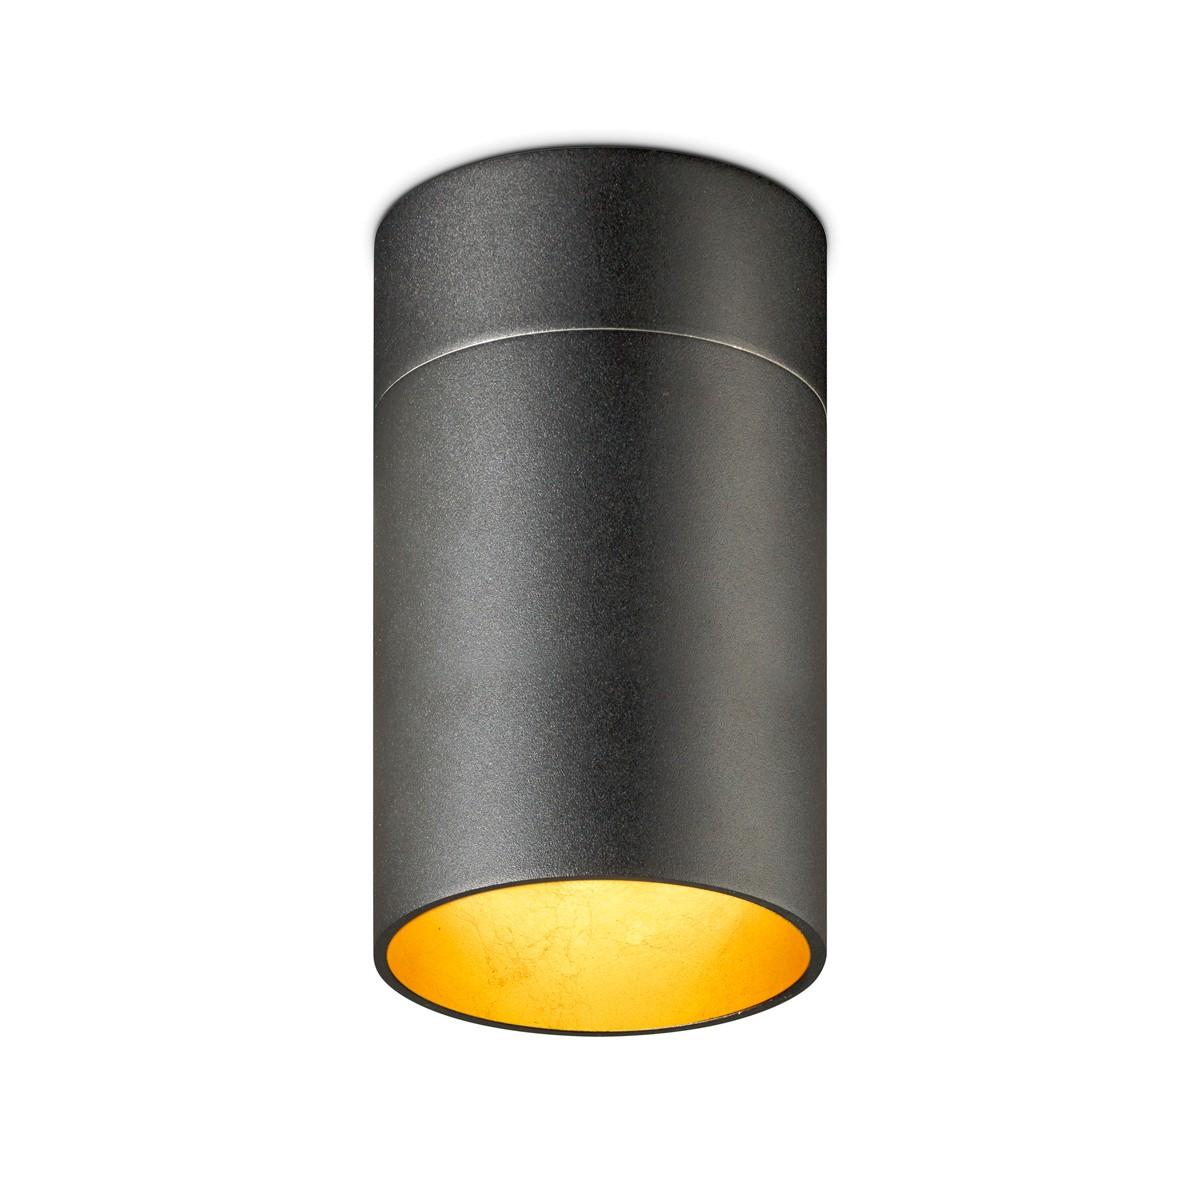 Oligo Tudor L Deckenleuchte, schwarz matt / Blattgold